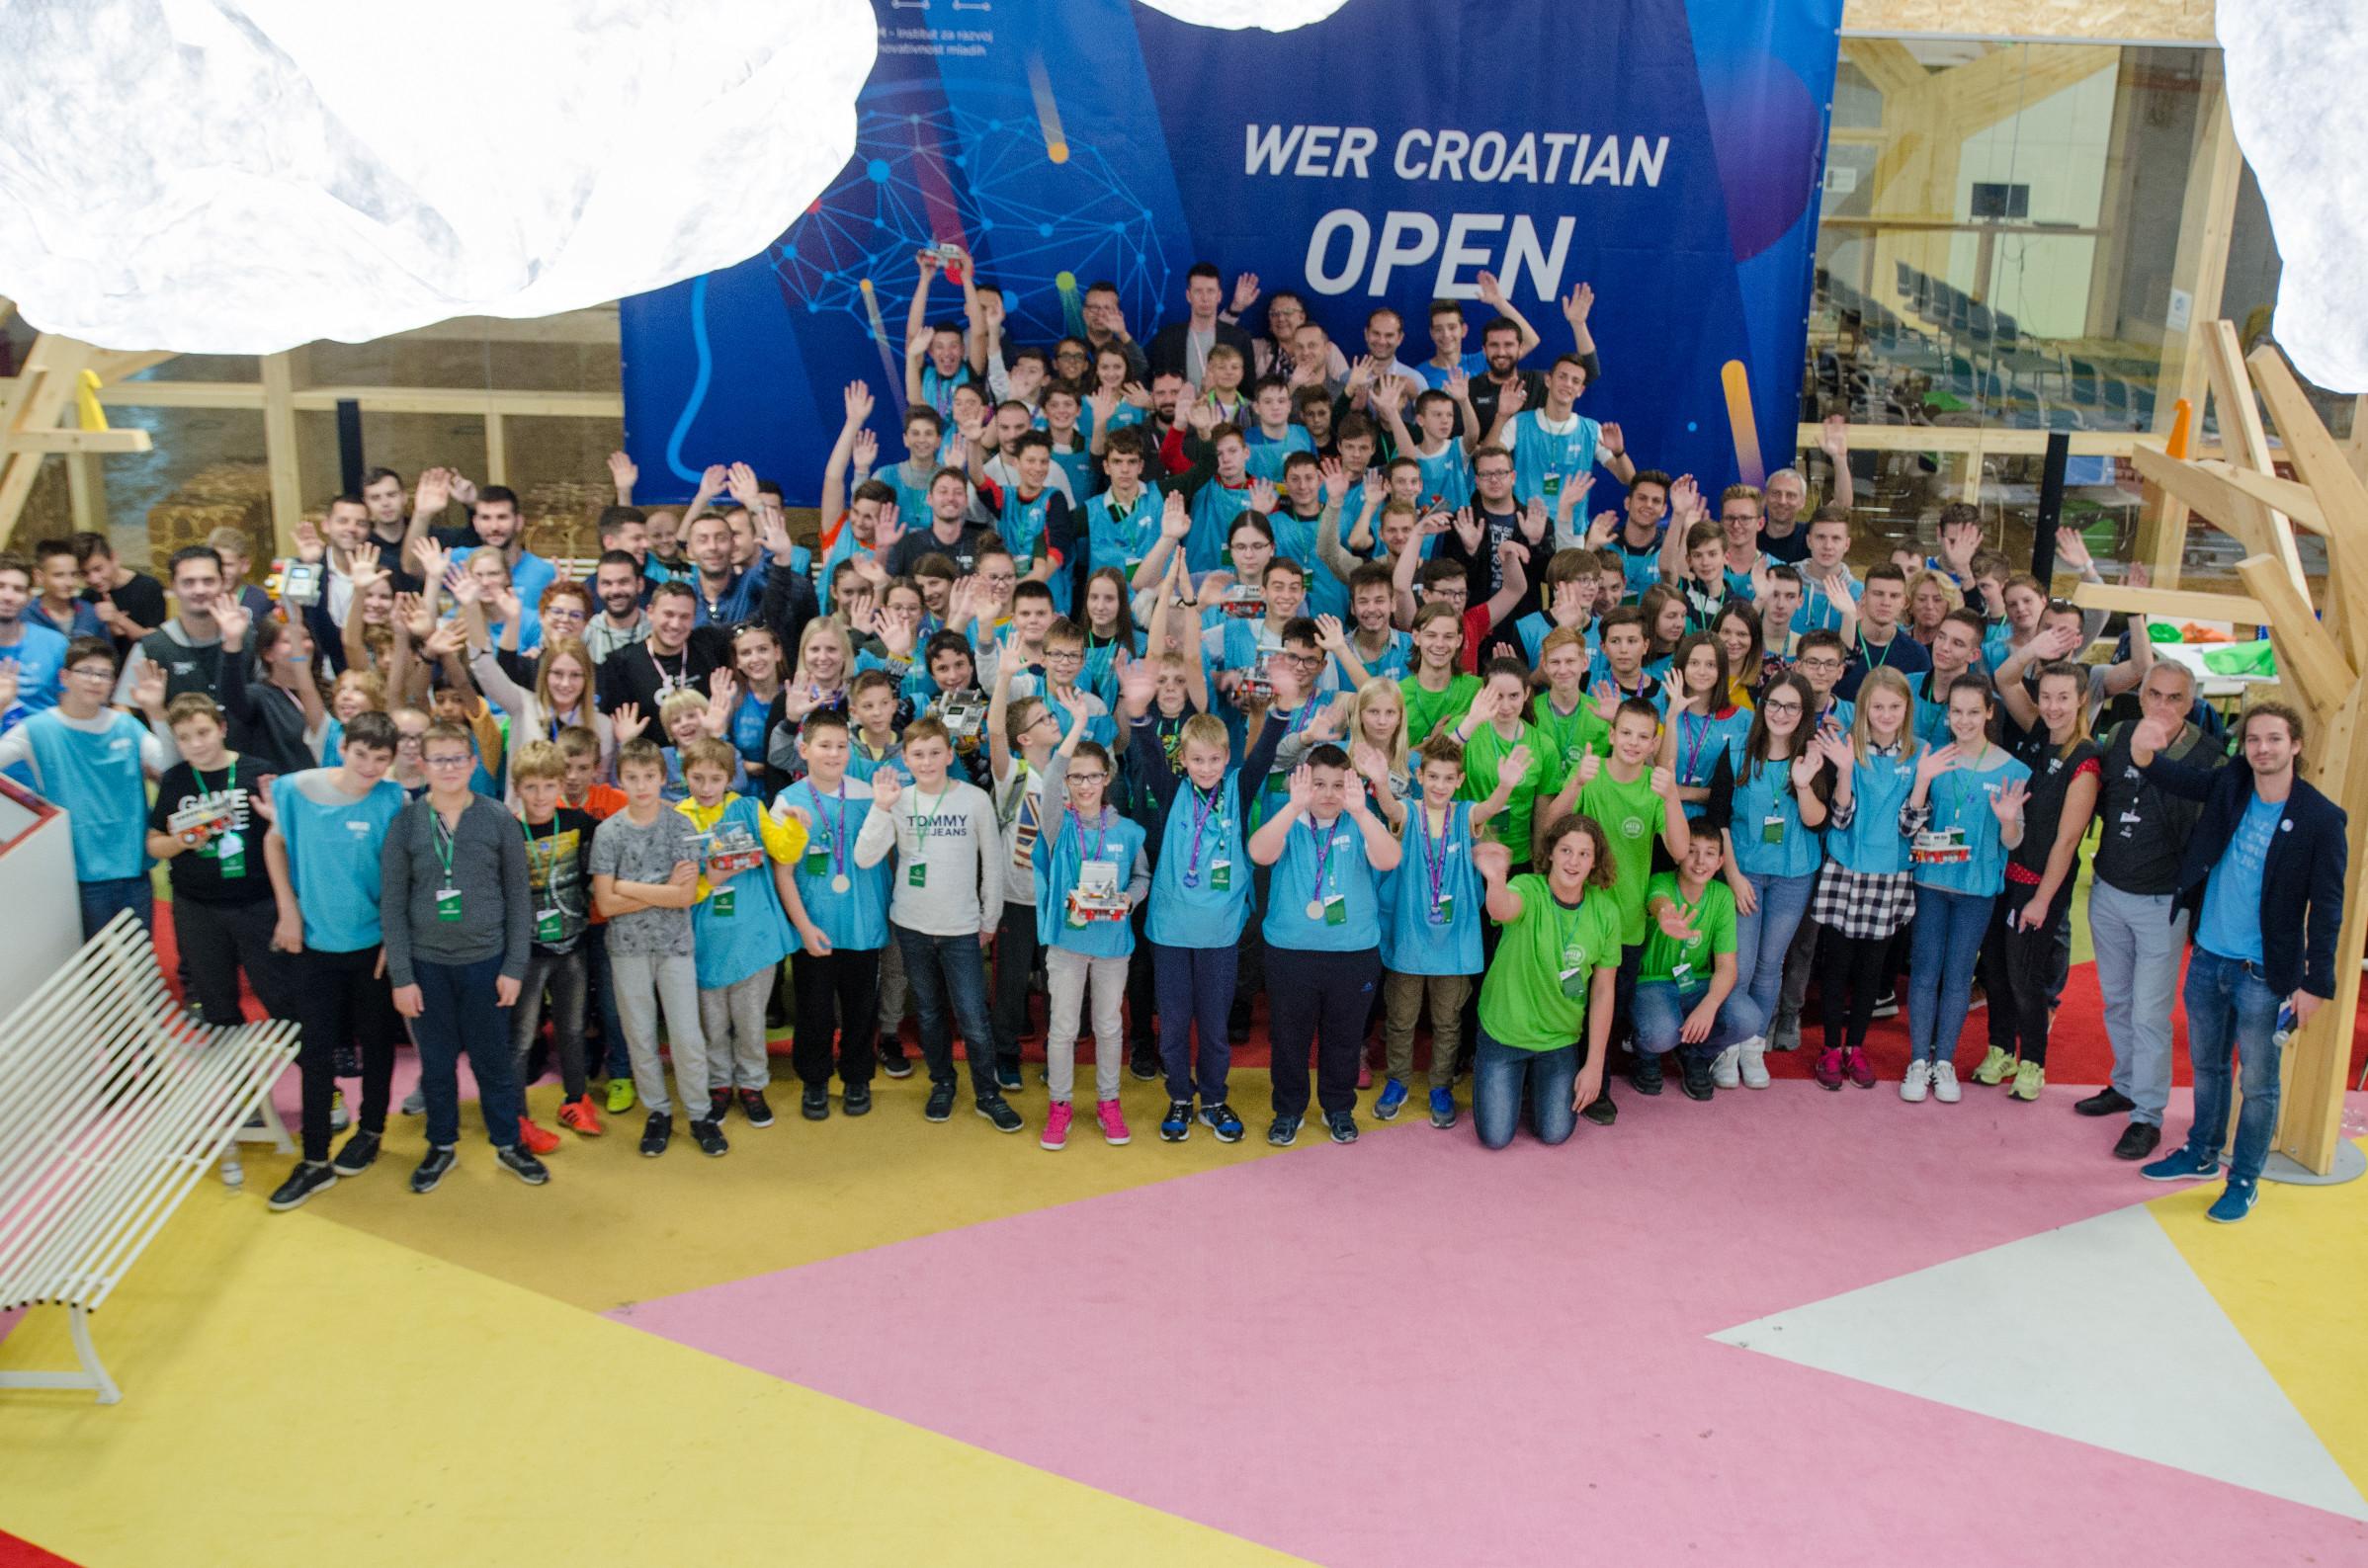 Natjecanje WER Croatian Open 2018.